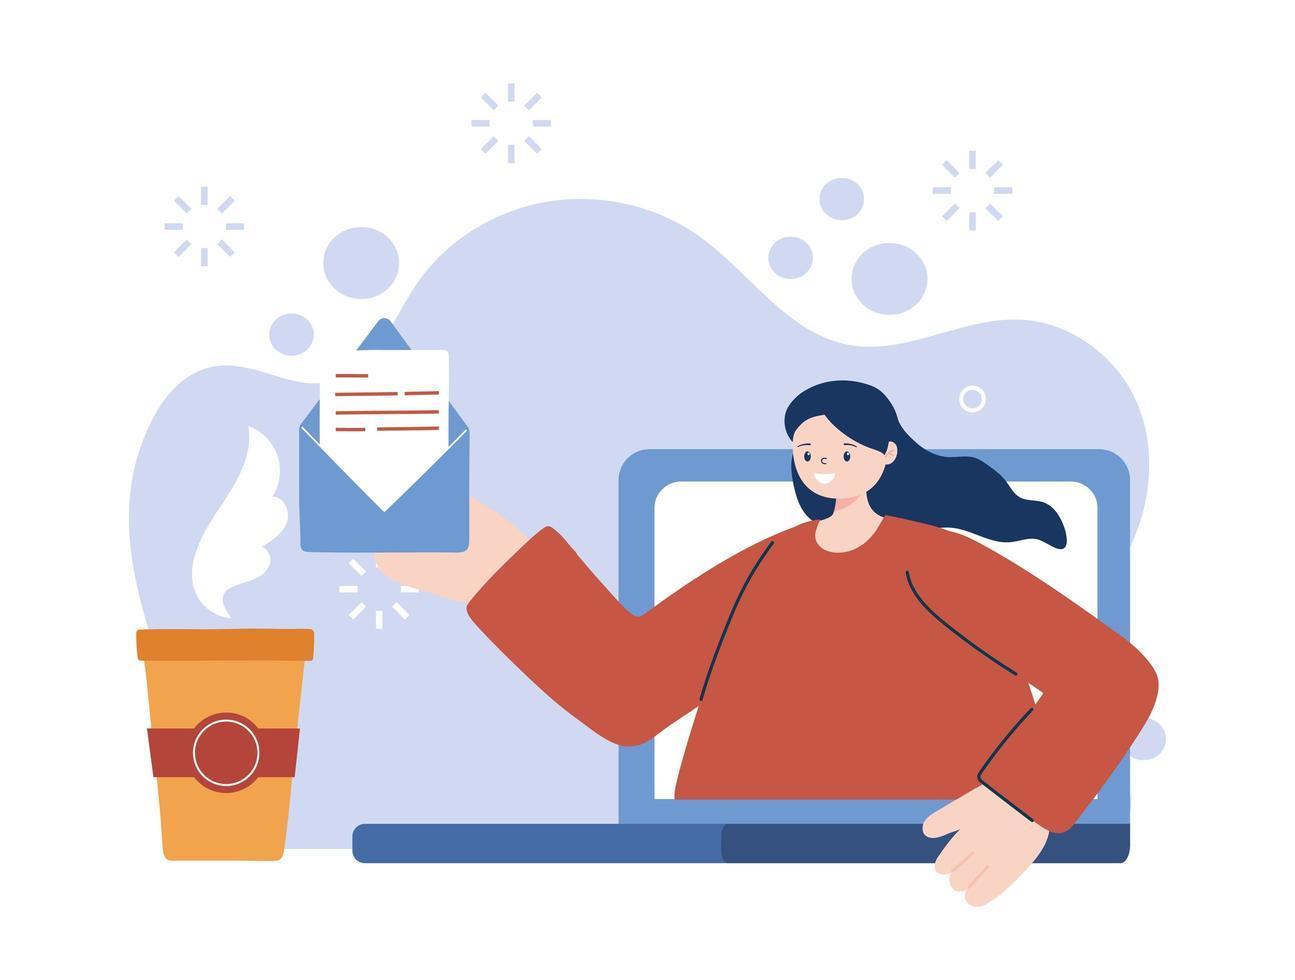 Frau mit Laptop und Umschlag vektor